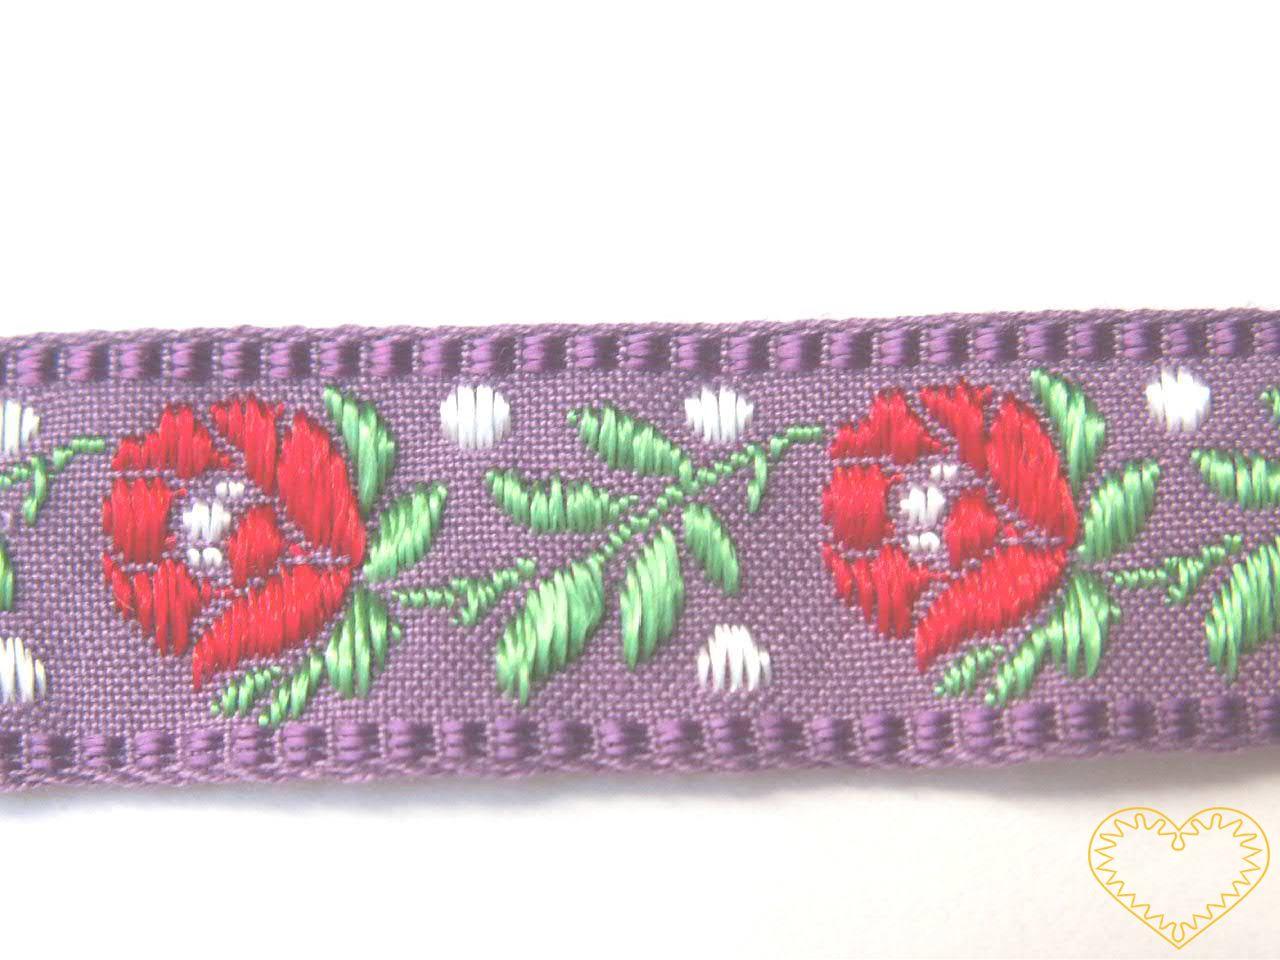 Fialová krojová stuha se vzorem - vzorovka - šíře 1,8 cm. Textilní tkaná stuha s jemným vzorkem je vhodná zvláště k lemování tkanin a šatů panenek a maňásků.